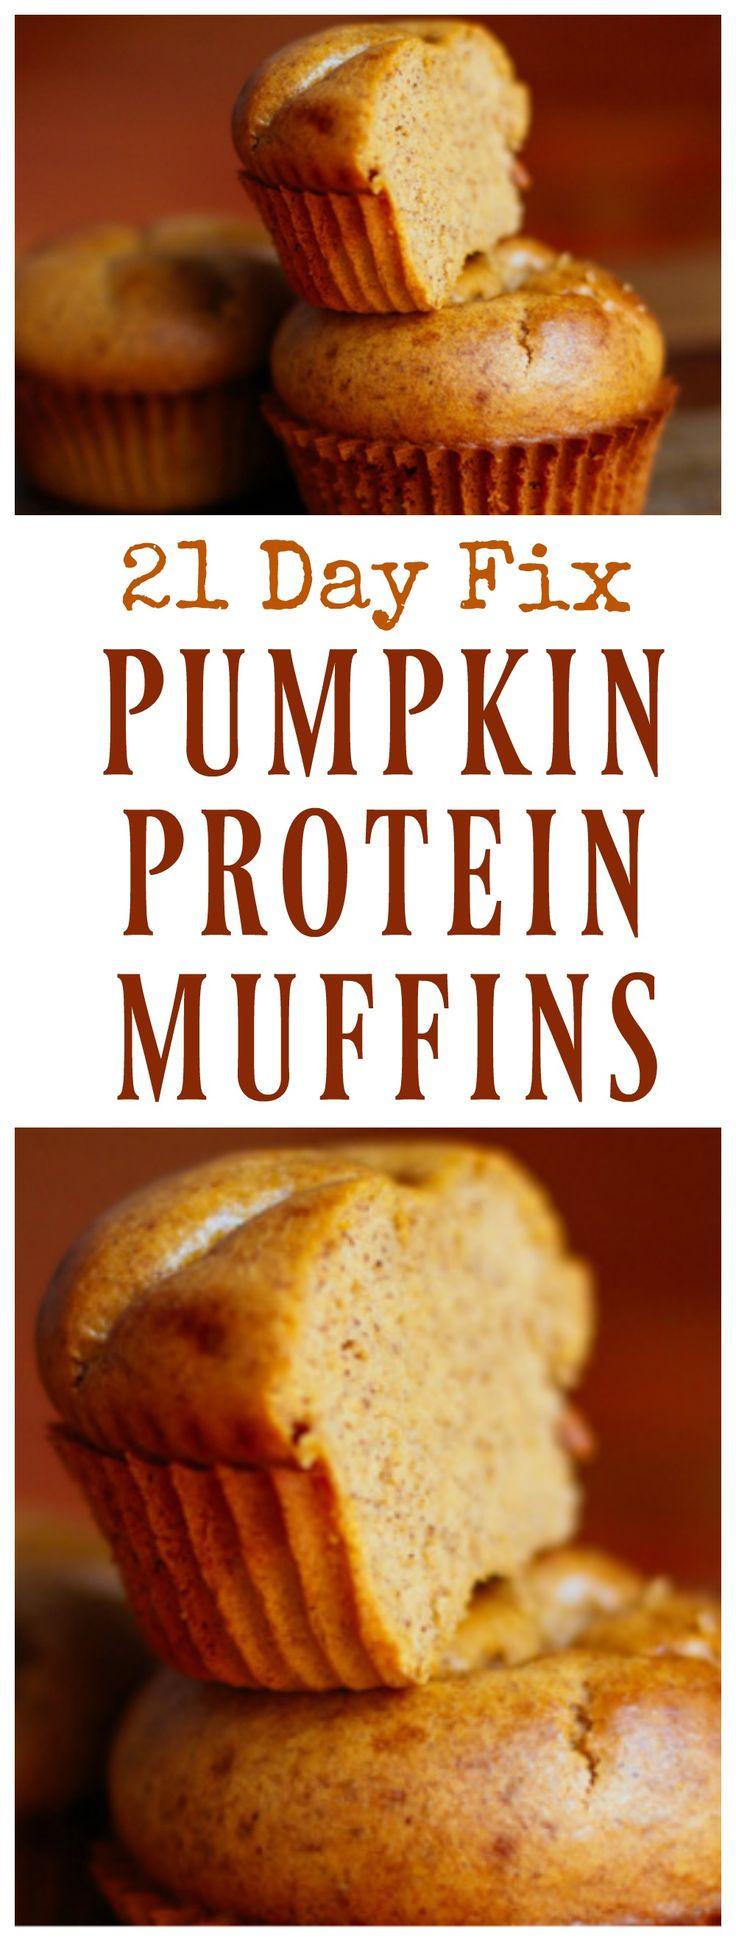 21 Day Fix Pumpkin Protein Muffins #21dayfixmuffins #21dayfix #21dayfixrecipes #21dayfixmuffinrecipes #21dayfixpumpkinmuffins #cleaneatingmuffins #cleaneating #cleaneatingrecipes #cleaneatingmuffinrecipes #cleaneatingpumpkinmuffins